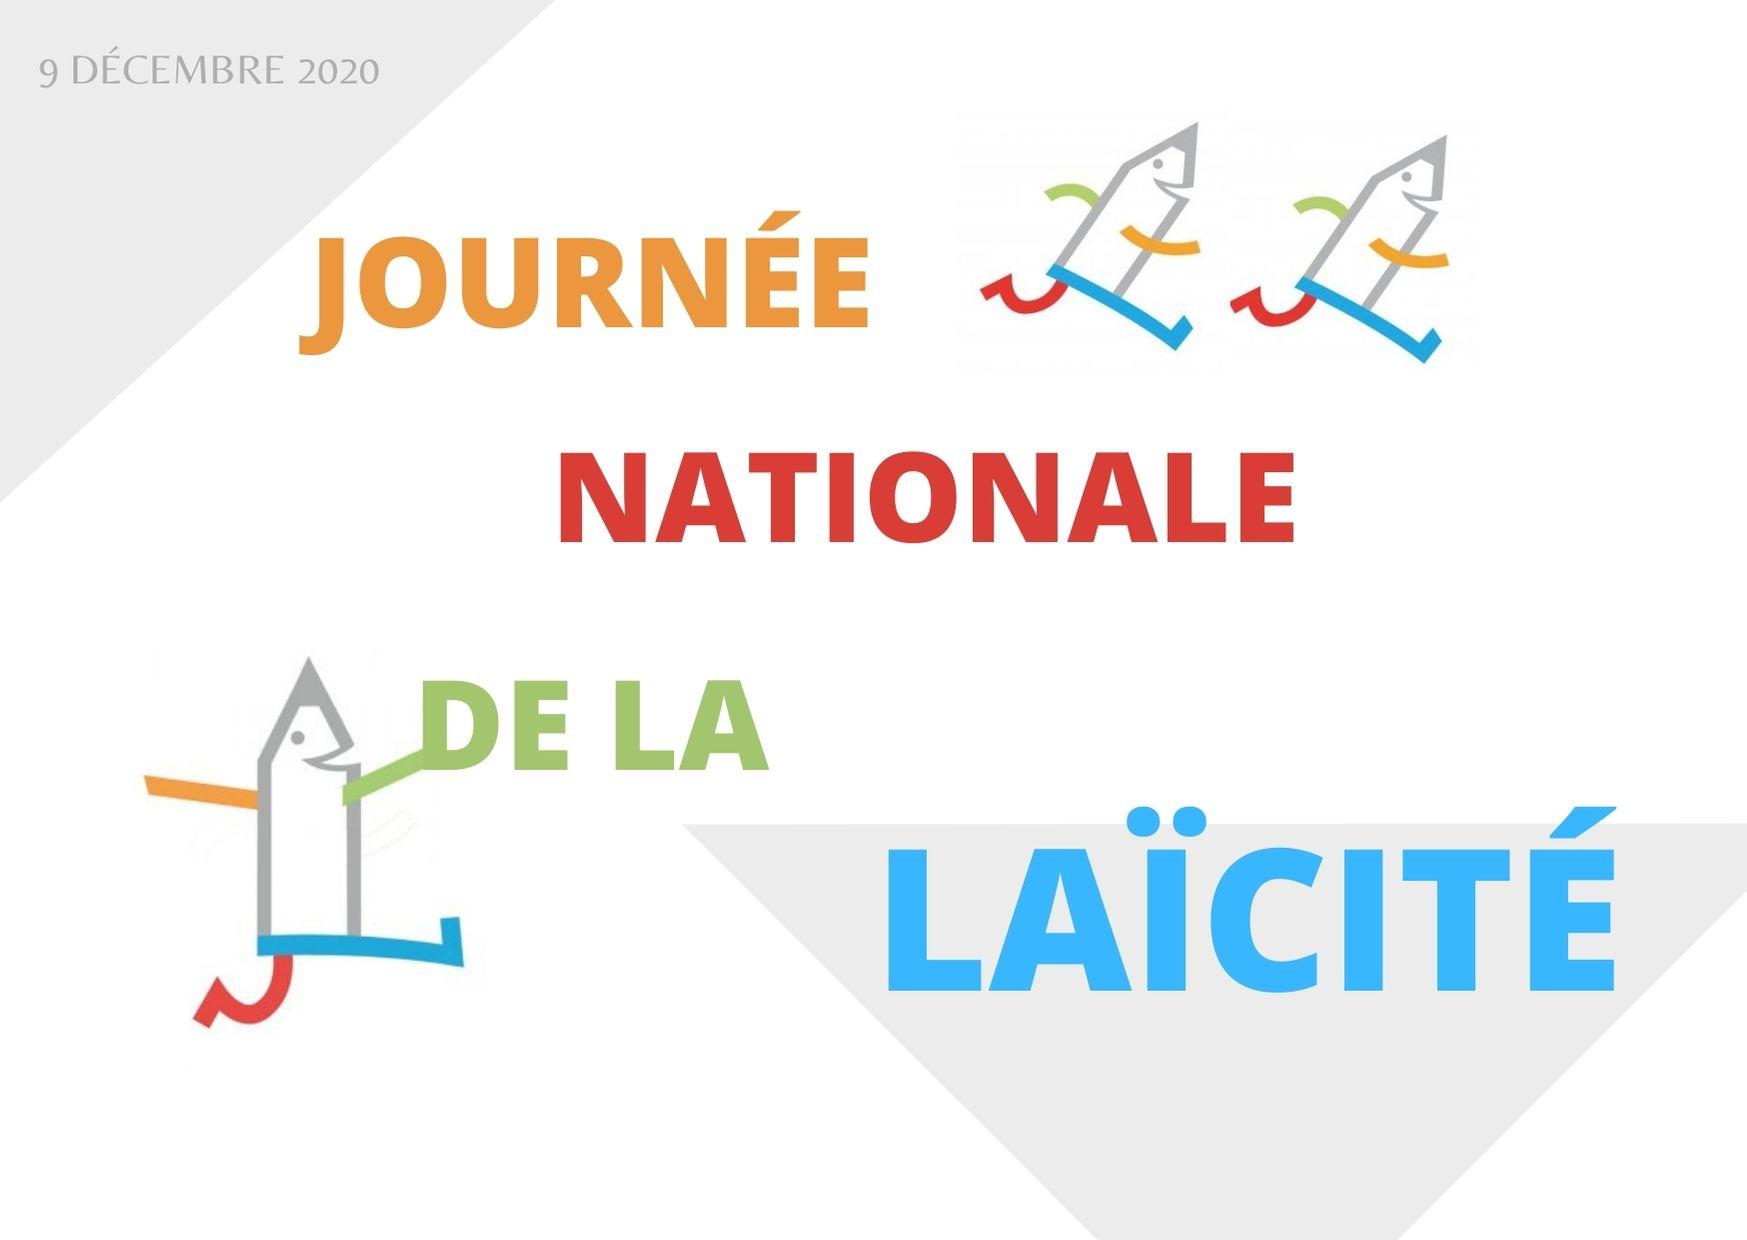 Journée Nationale de la Laïcité